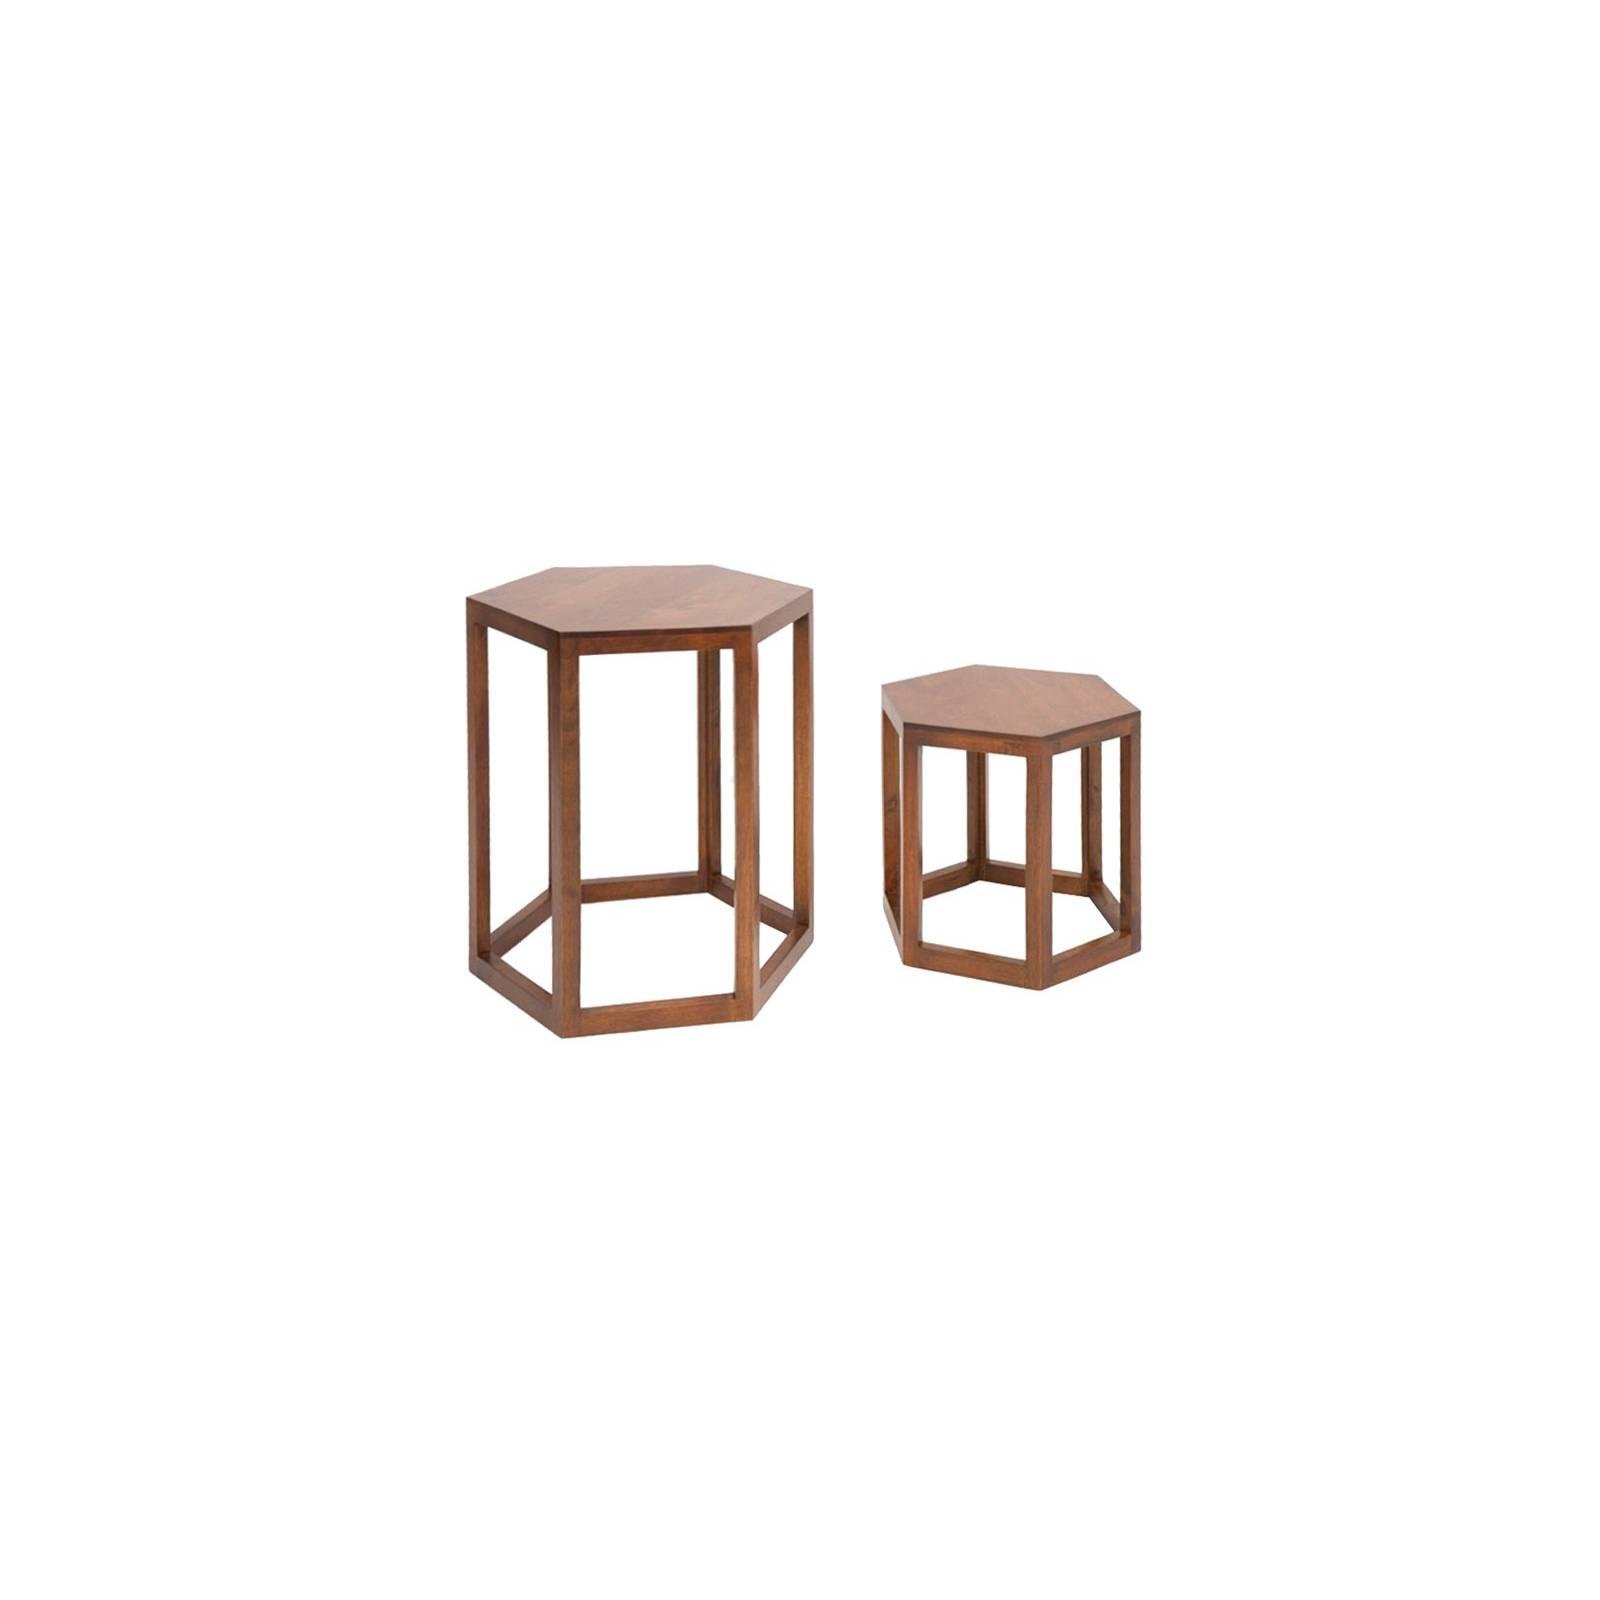 Sellette Hexagonale Omega Hévéa - meuble style design